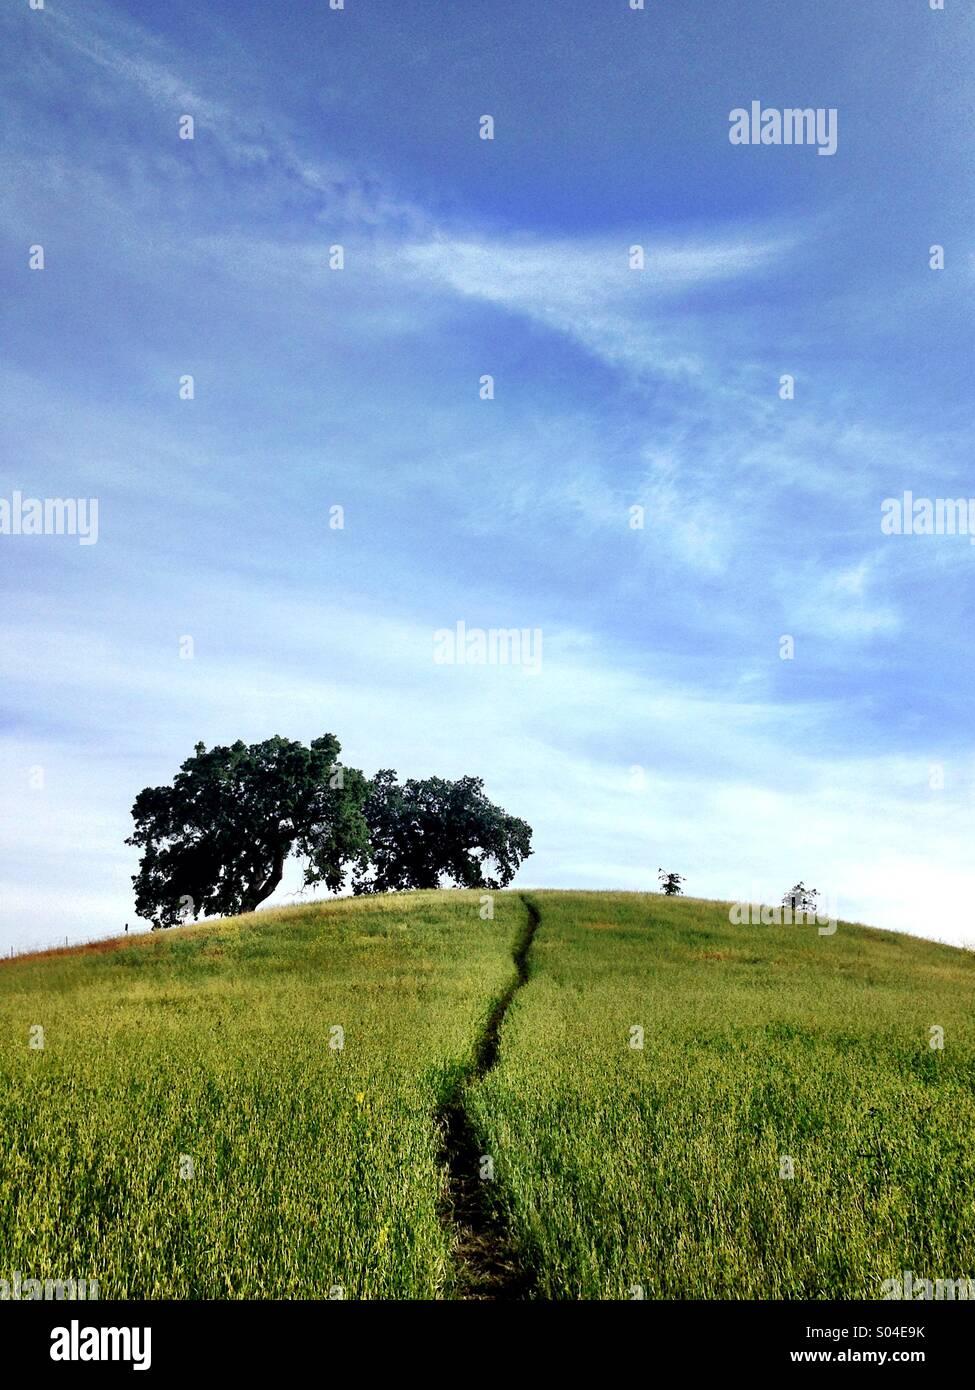 Chemin à travers colline herbeuse avec arbre de chêne sur le dessus Photo Stock